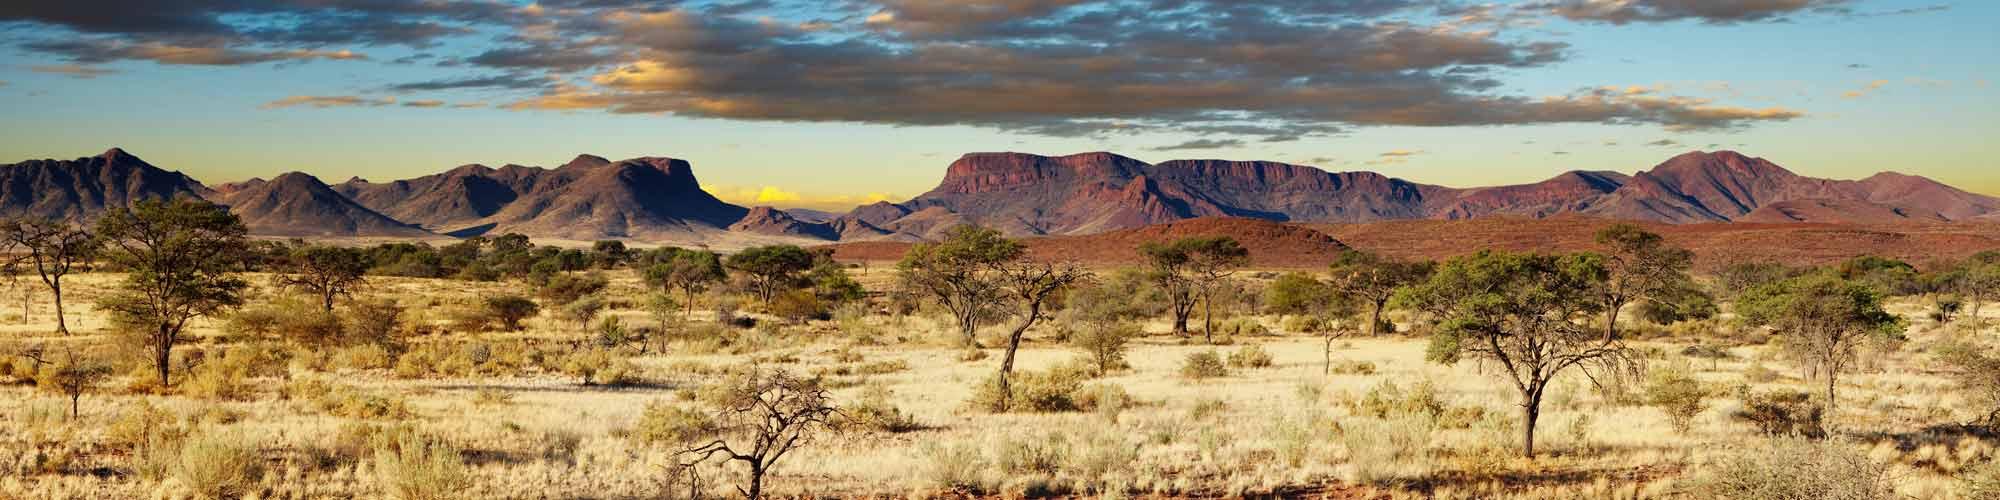 Viaje África en camión - EL PAIS Viajes